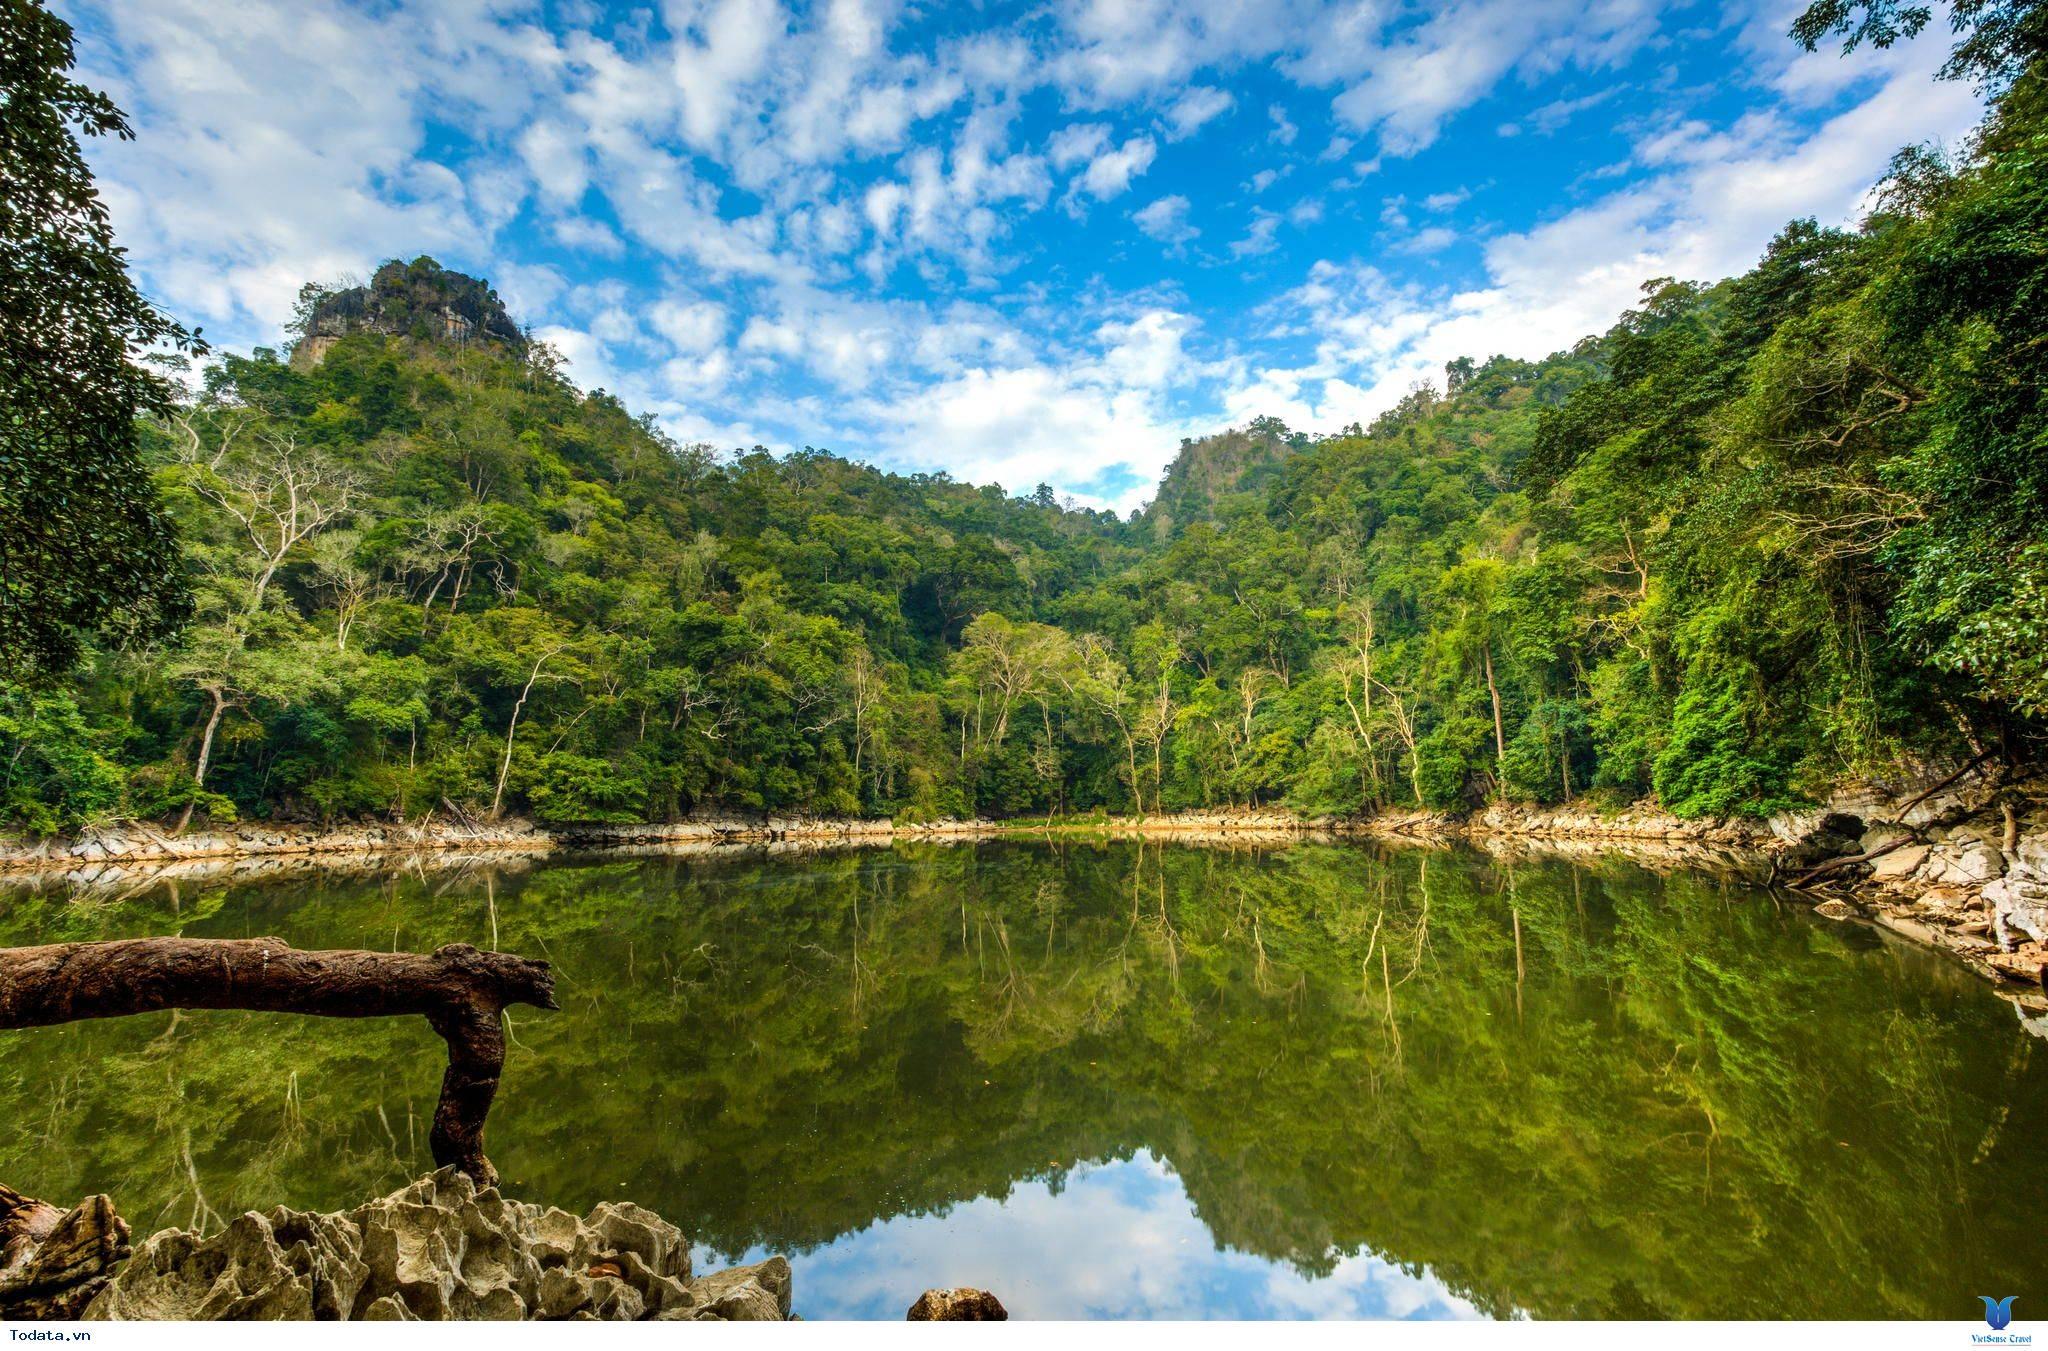 Hồ Ba Bể - Chốn Tiên Cảnh Ngoài Đời Thực - Ảnh 2